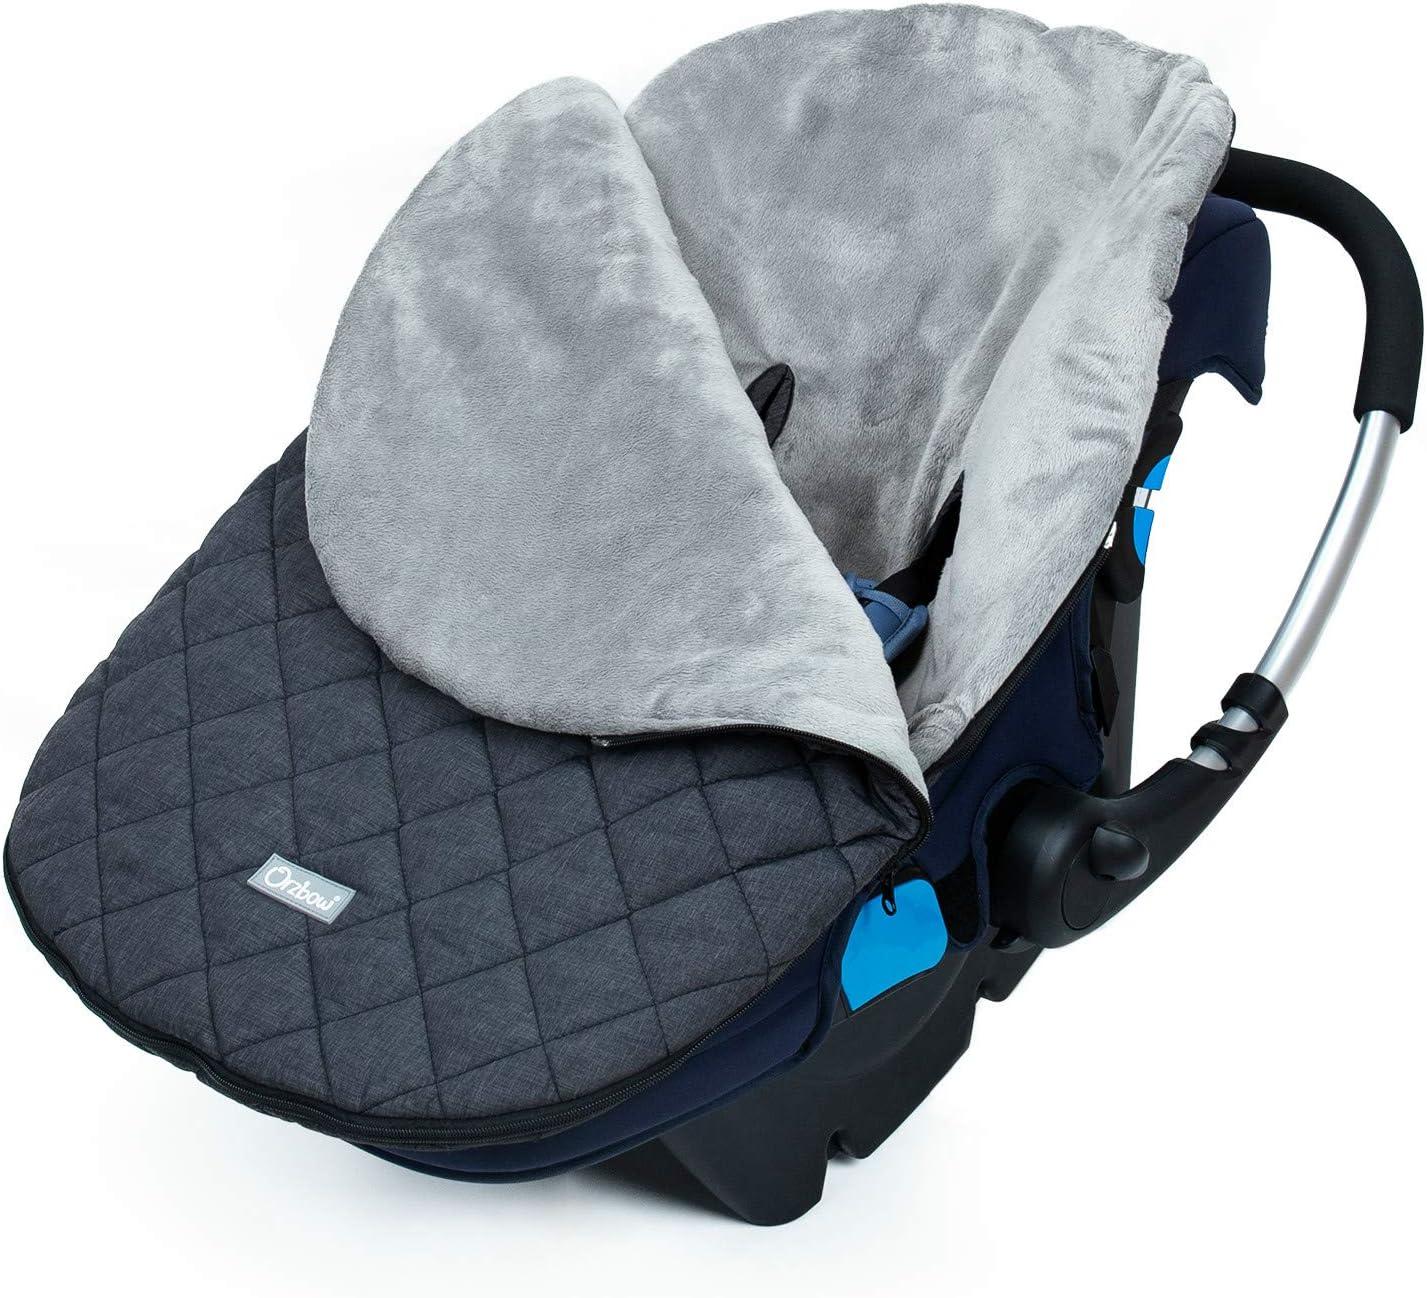 Orzbow Saco Capazo Bebe Universal,Mantas para Bebes Recien Nacidos,Saco de Dormir Invierno para Niñas o Niños de 0 a 12 Meses (gris Oscuro)